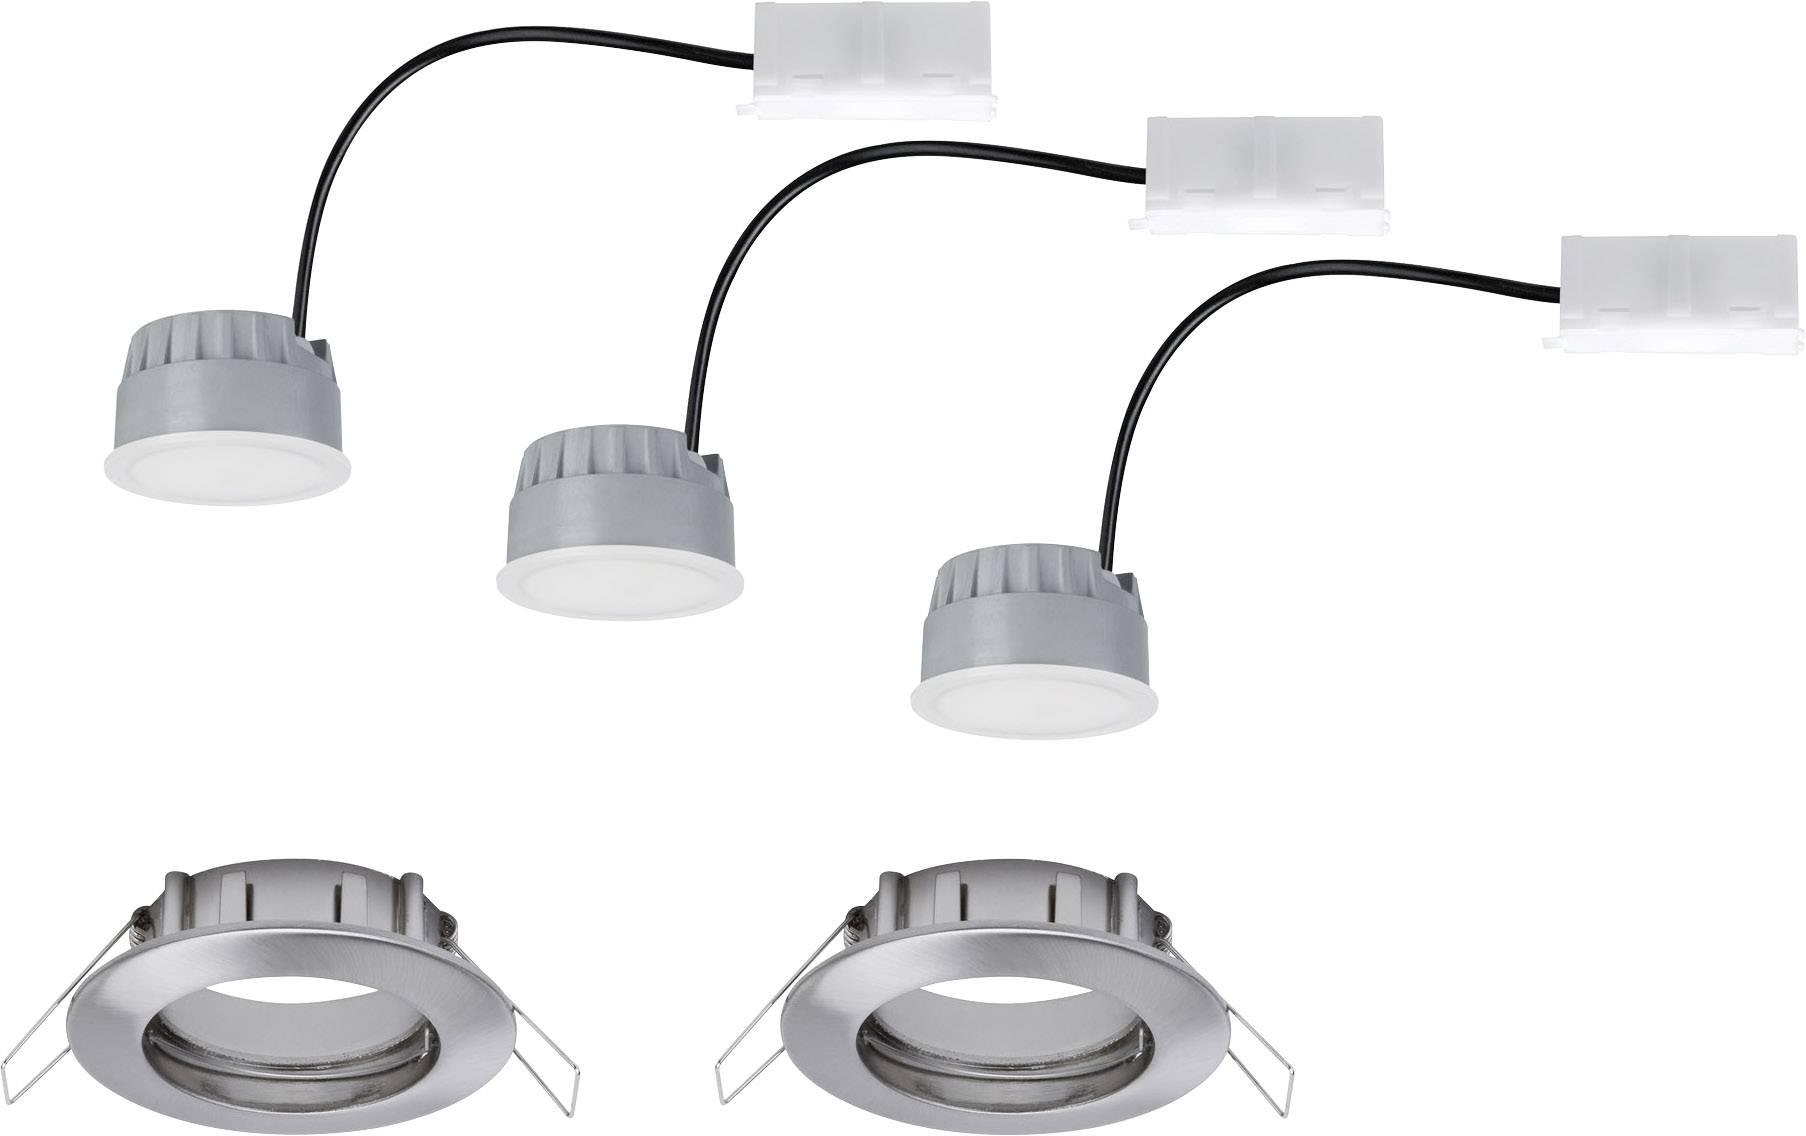 Spot LED encastrable pour salle de bains LED intégrée Paulmann Coin 93958  blanc chaud 21 W fer (brossé) jeu de 3